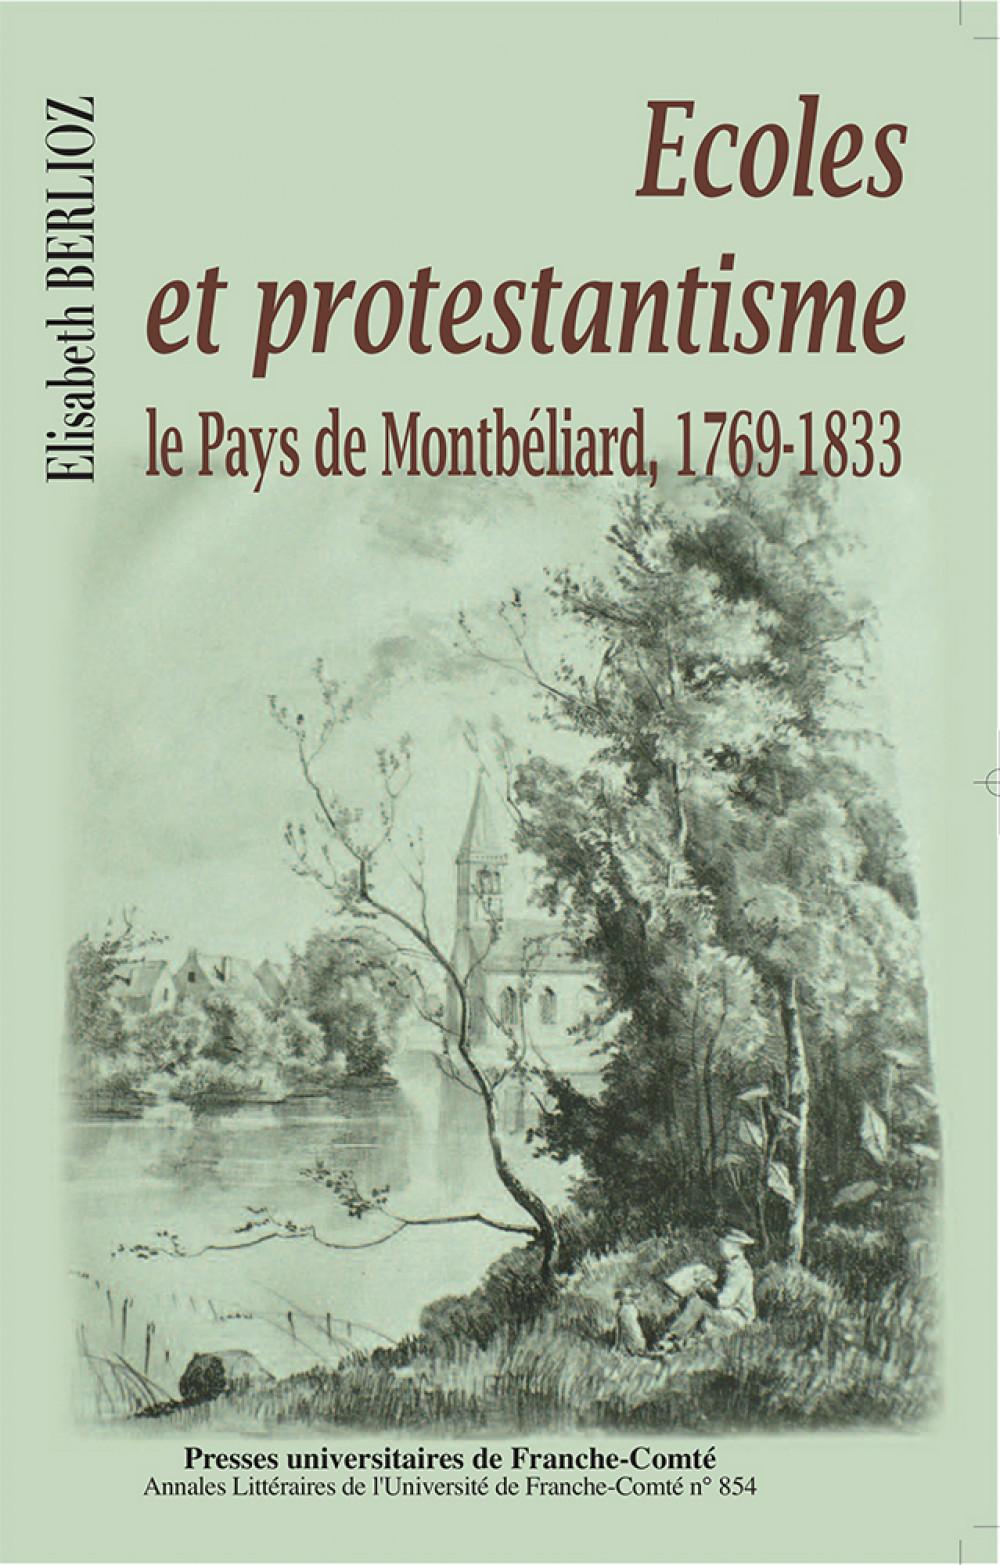 Ecoles et protestantisme